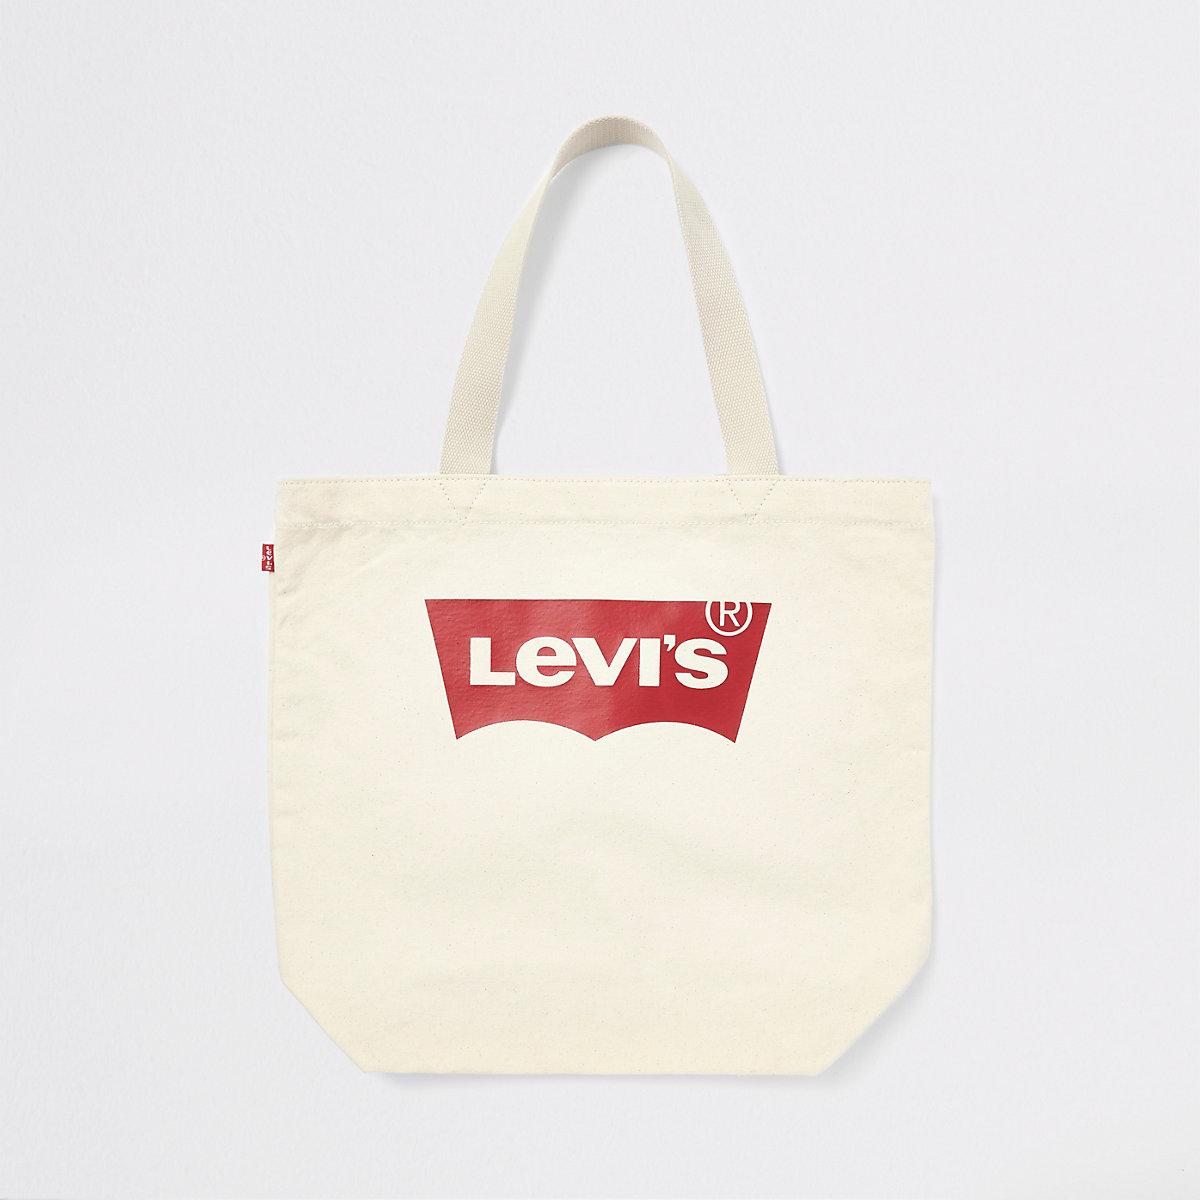 Levi's ecru tote bag